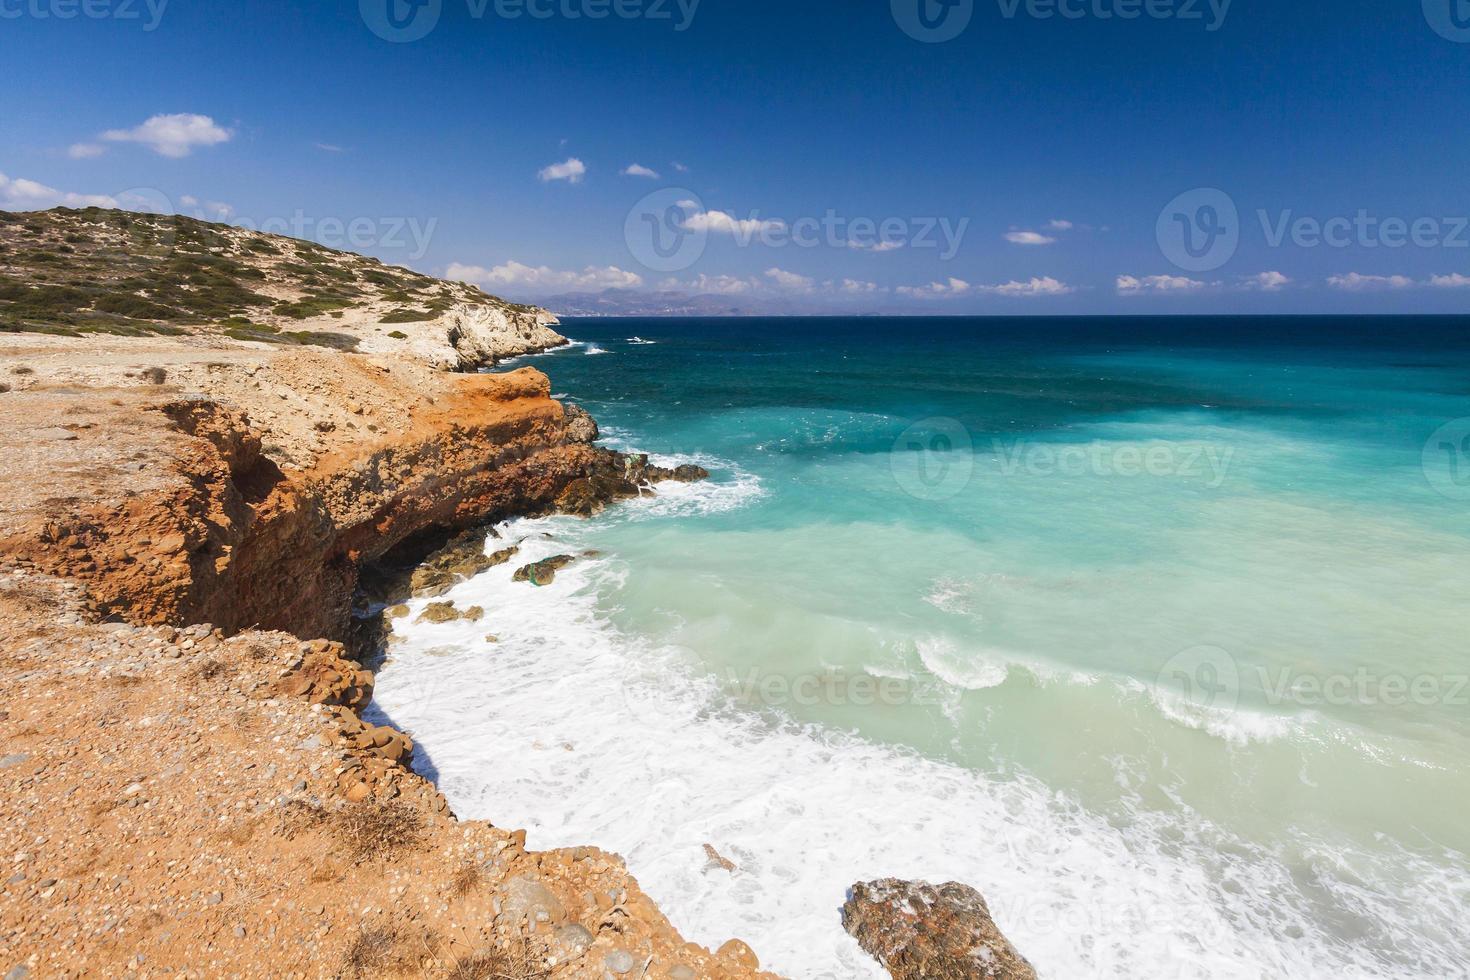 vista della bellissima baia azzurra e spiaggia sulla Grecia foto